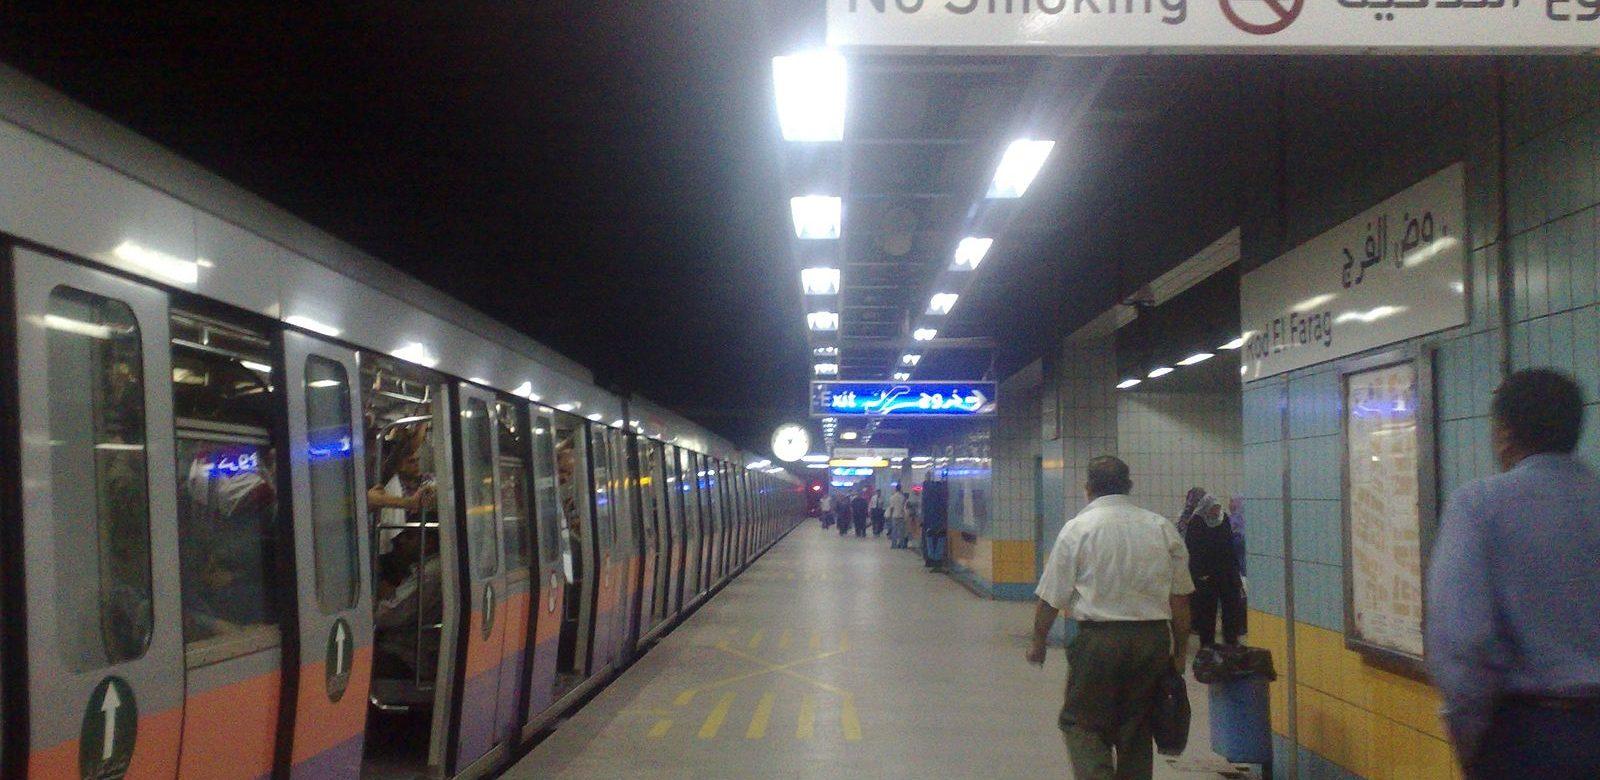 Le géant égyptien Orascom Construction 270 millions d'euros de contrats pour le métro du Caire